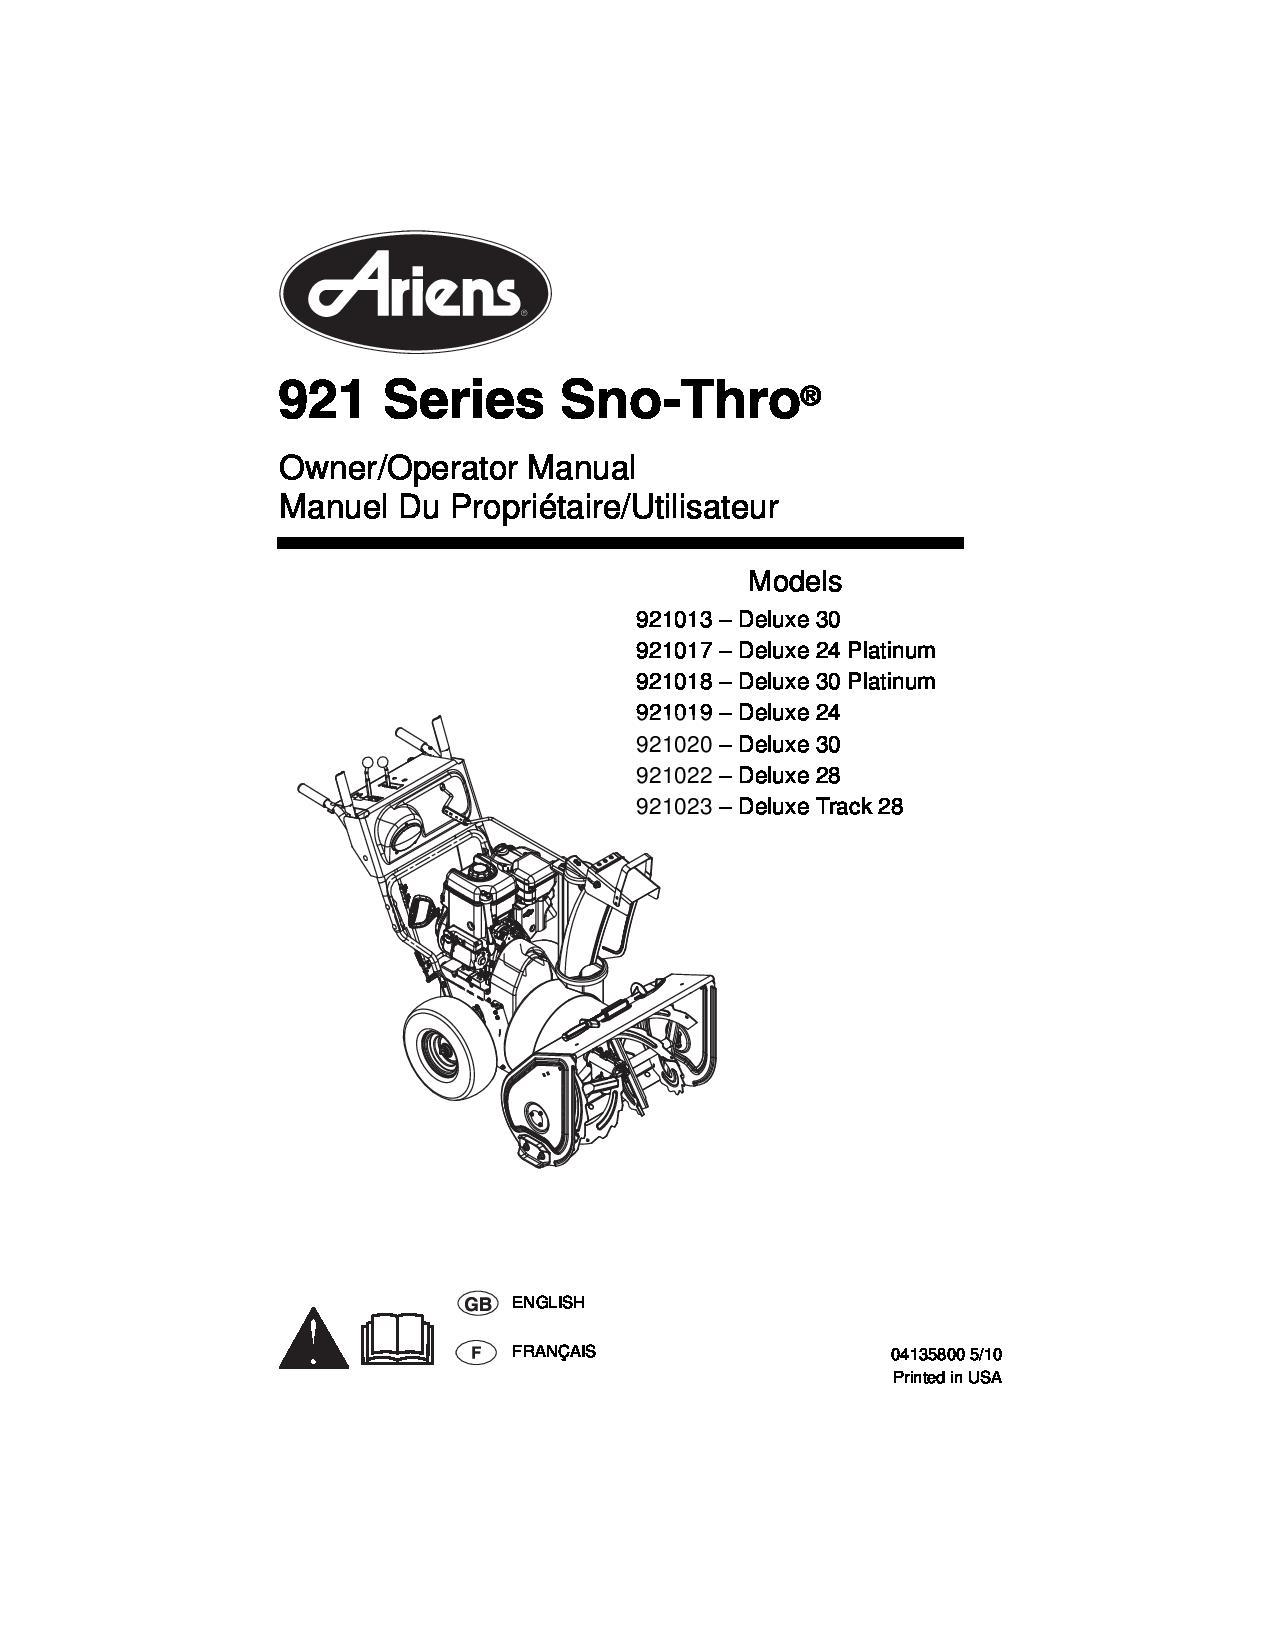 Ariens 921013 manual